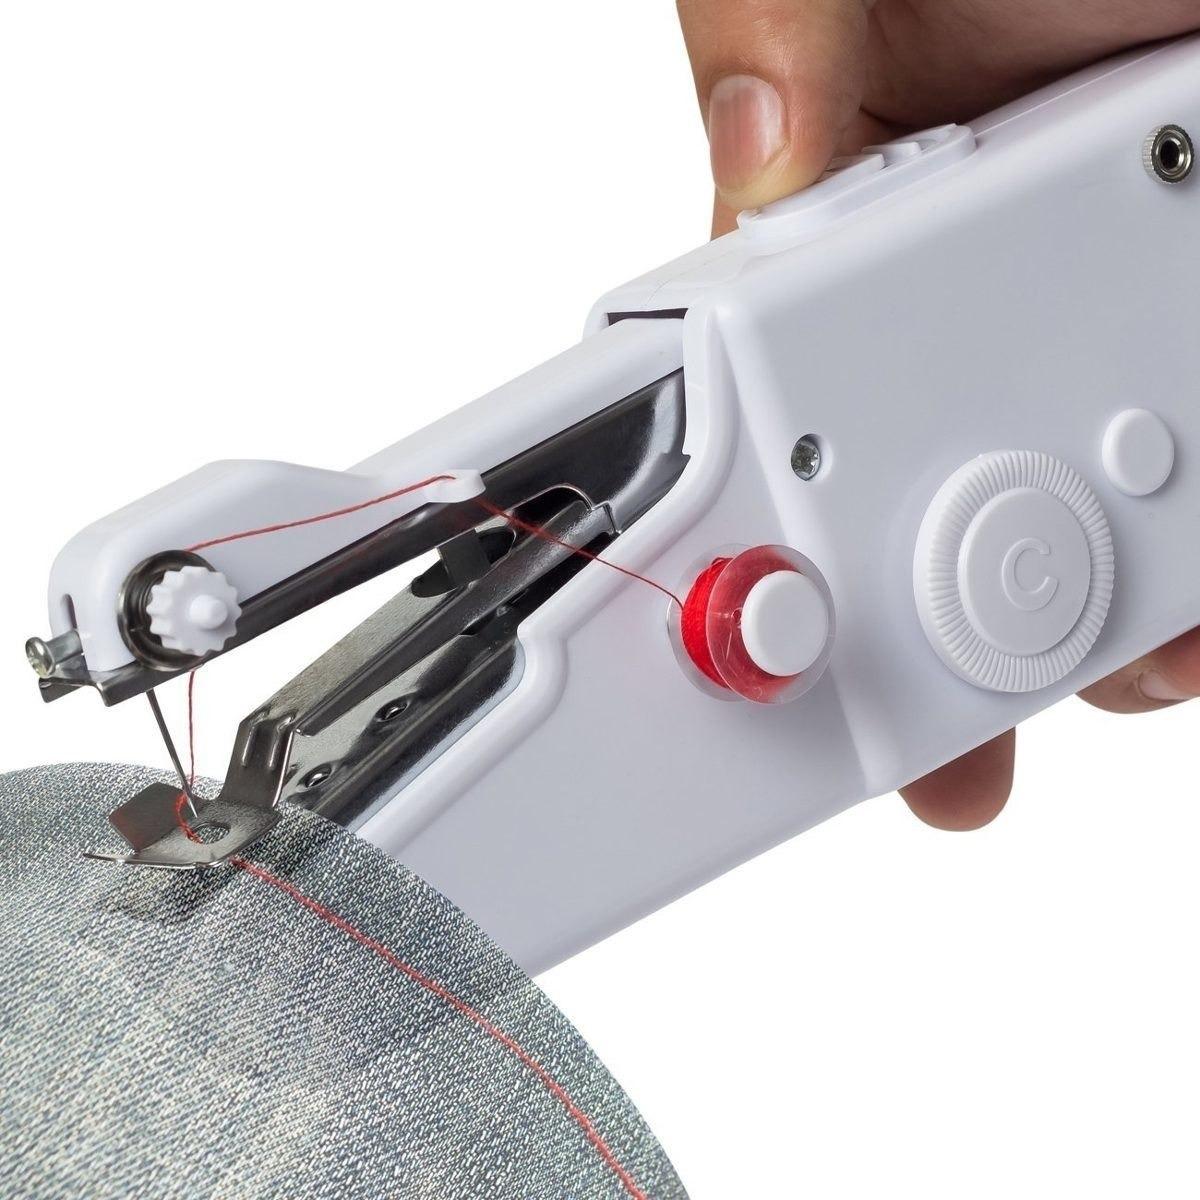 Maquina De Coser Portatil Handy Stitch Original Cose Todo ...